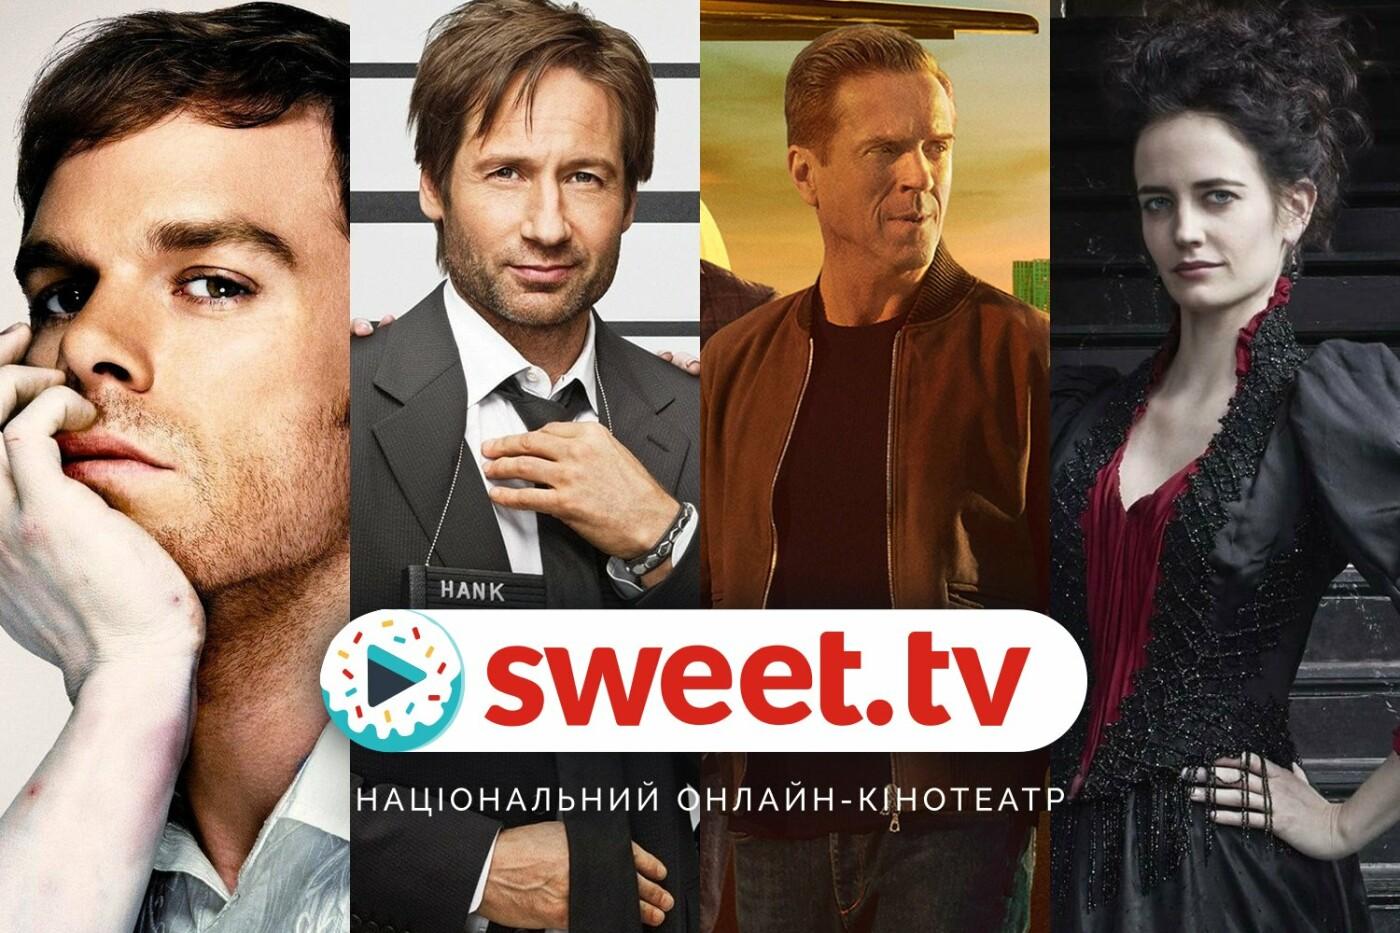 SWEET.TV — НАЦІОНАЛЬНИЙ ОНЛАЙН-КІНОТЕАТР